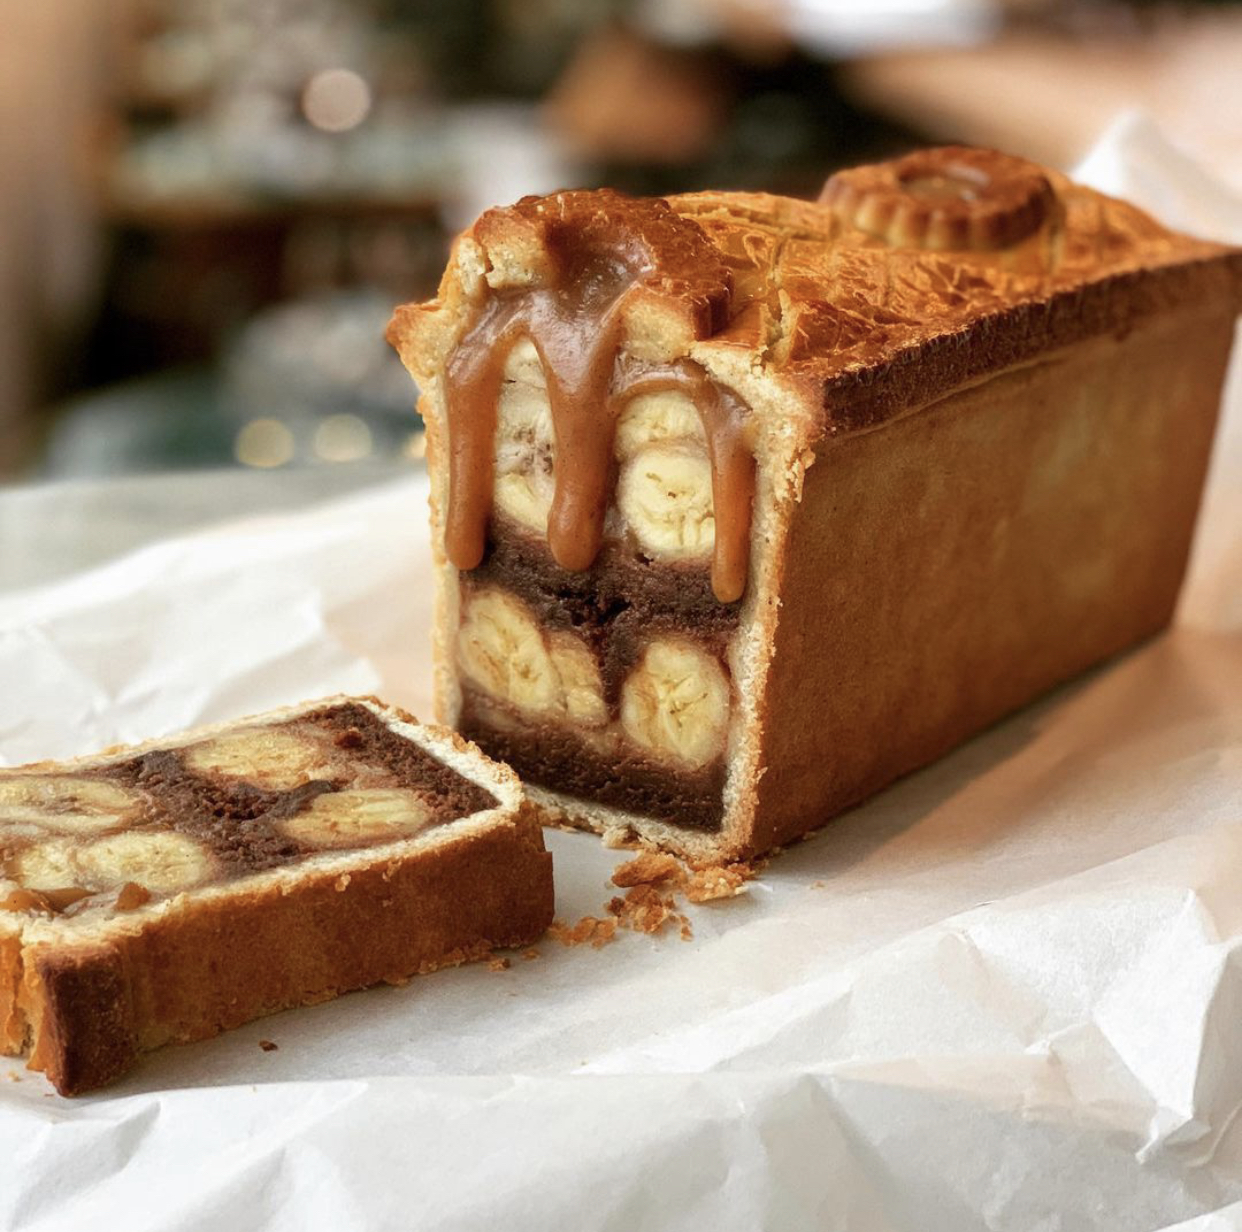 Exclusivité ce Week-end : Les Pâtés Croûtes Abricot Pistache et Bananes flambées Chocolat de Julien Duboué et Matthieu Dalmais de chez BOULOM